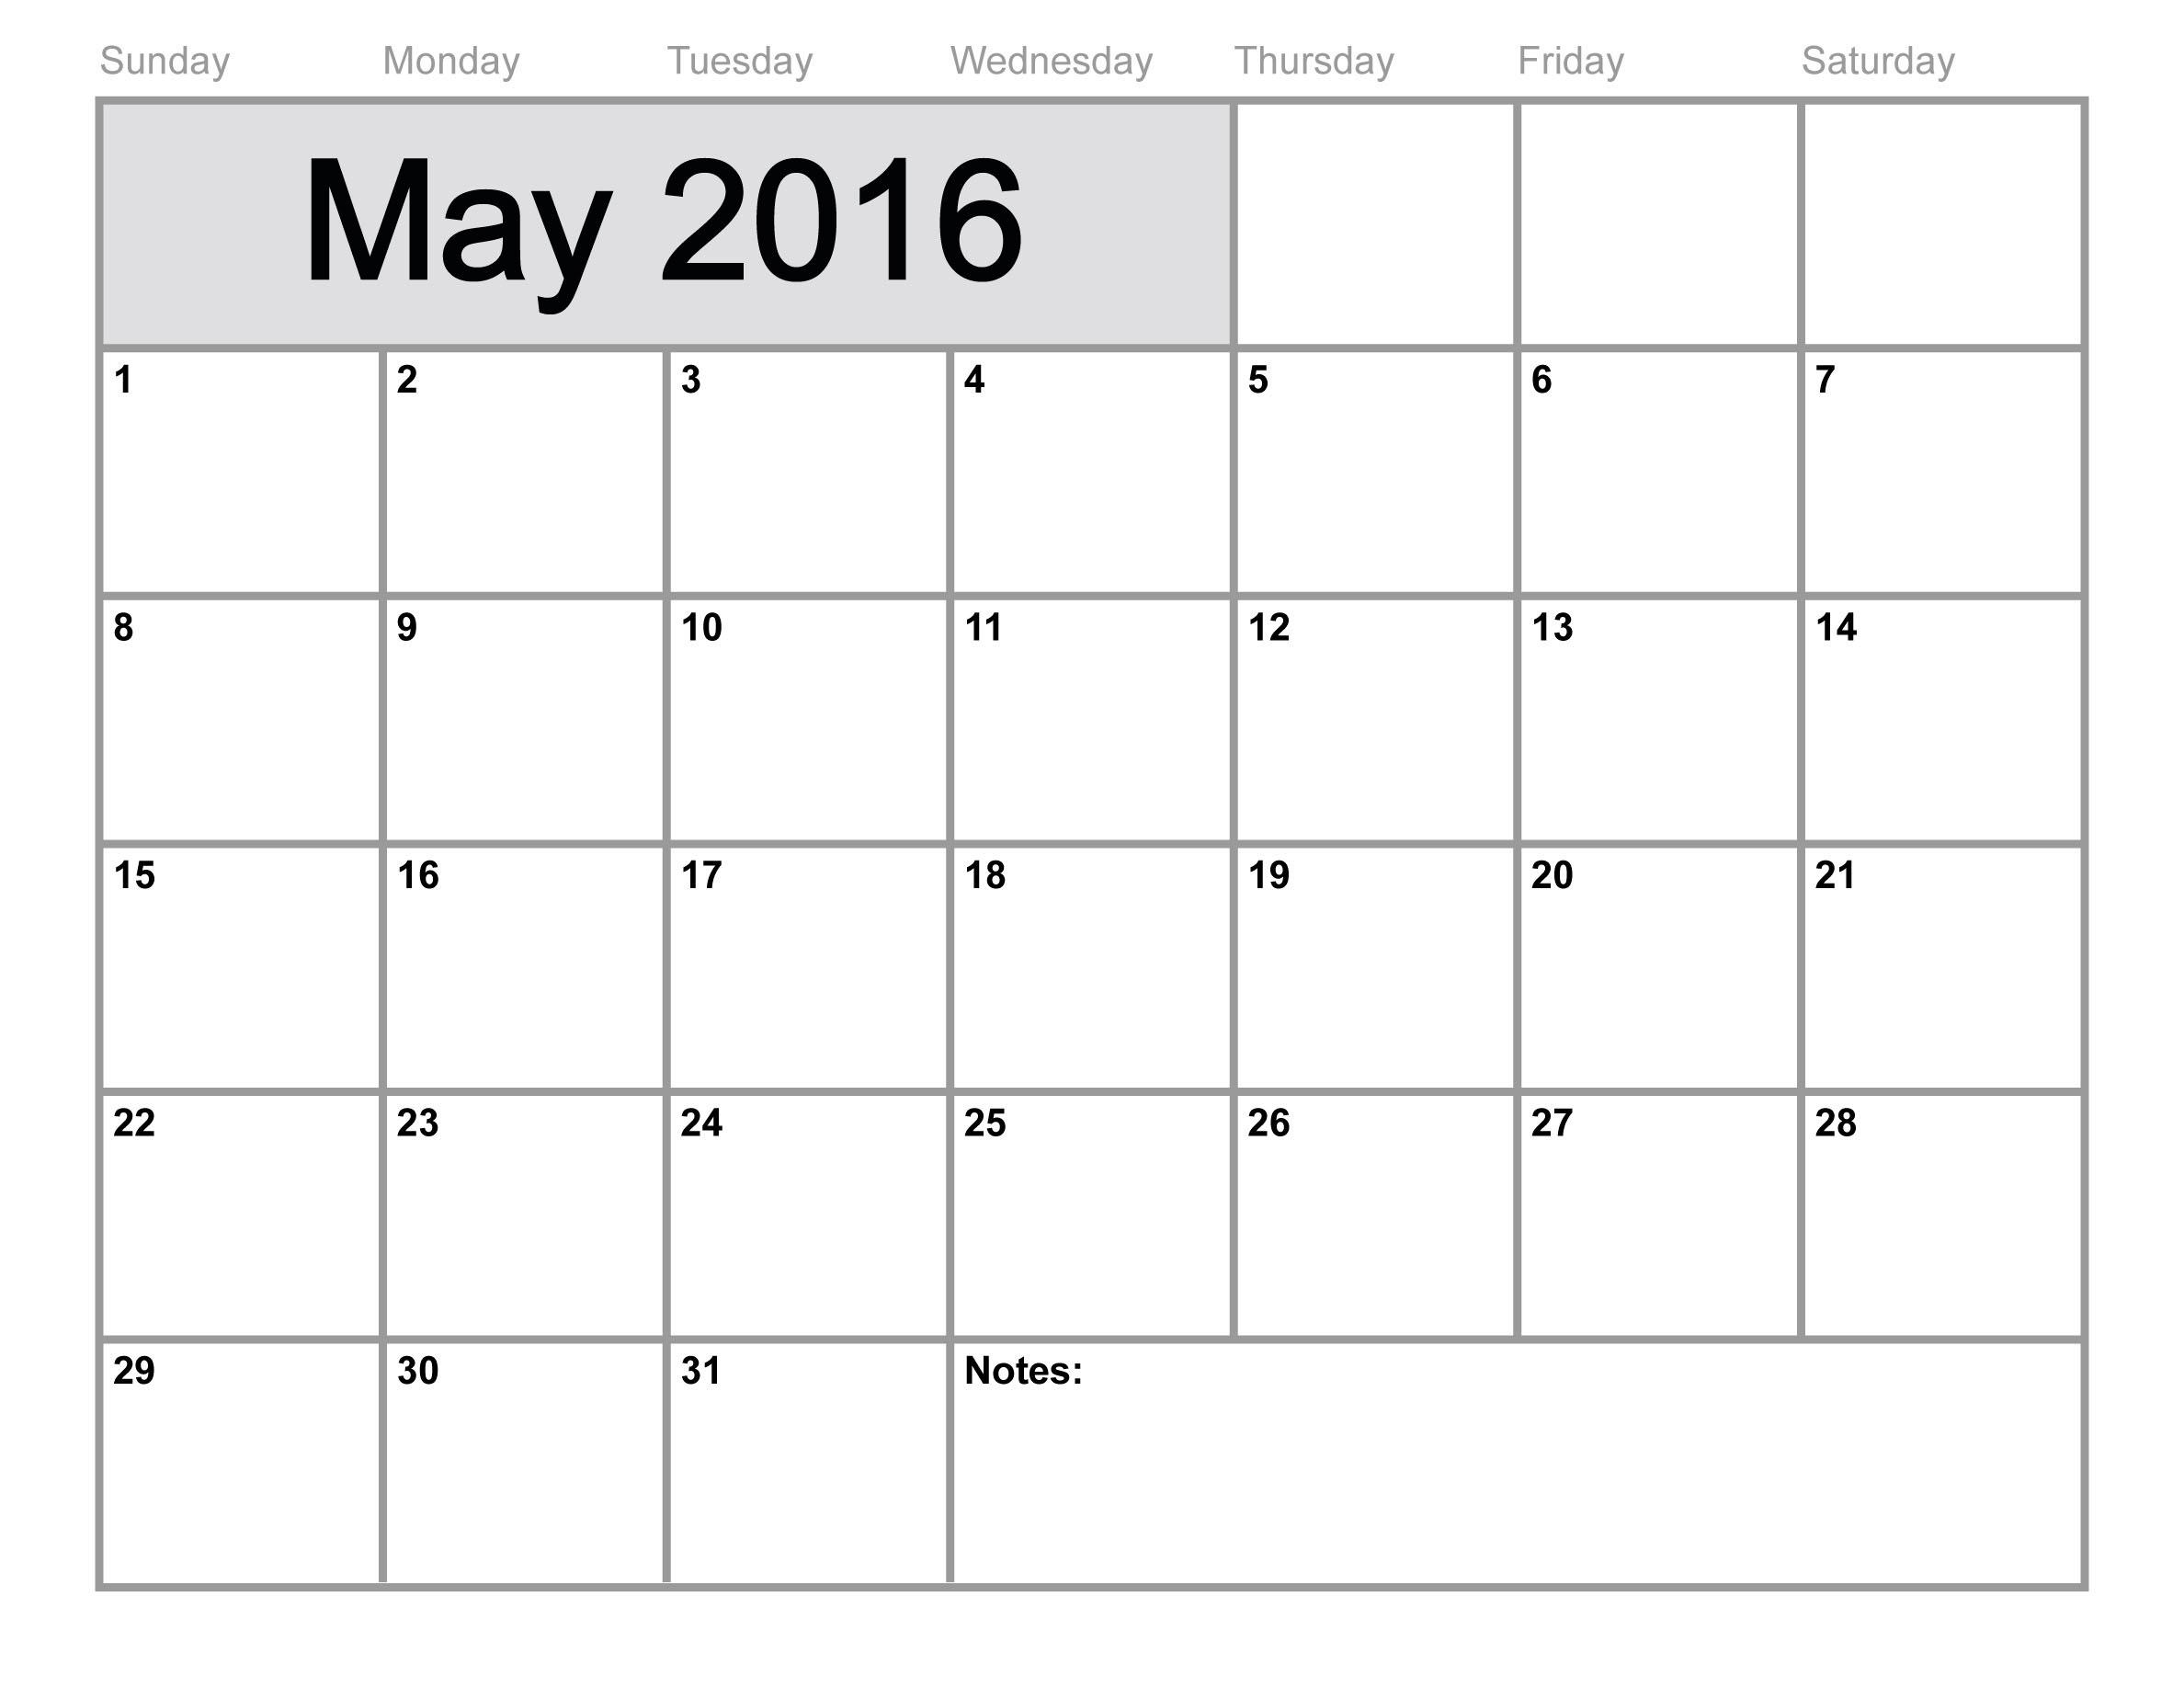 May 2016 Calendar 89uj